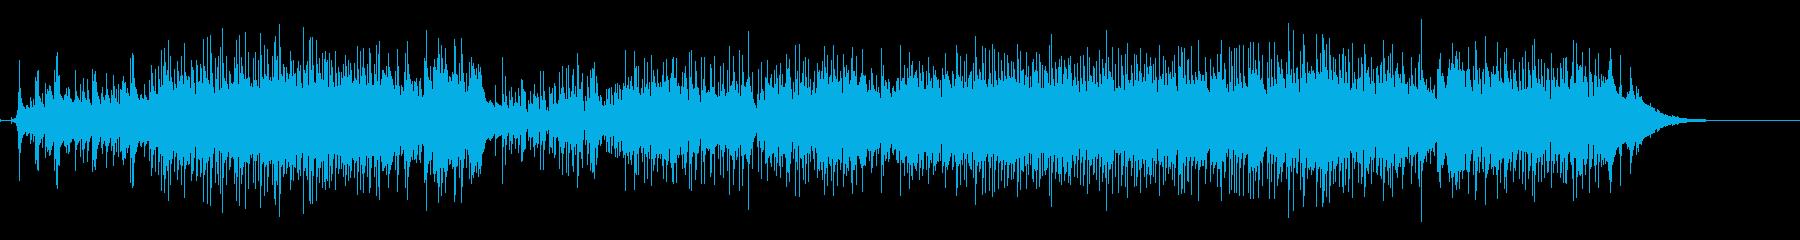 疾走するクール目なフュージョンの再生済みの波形